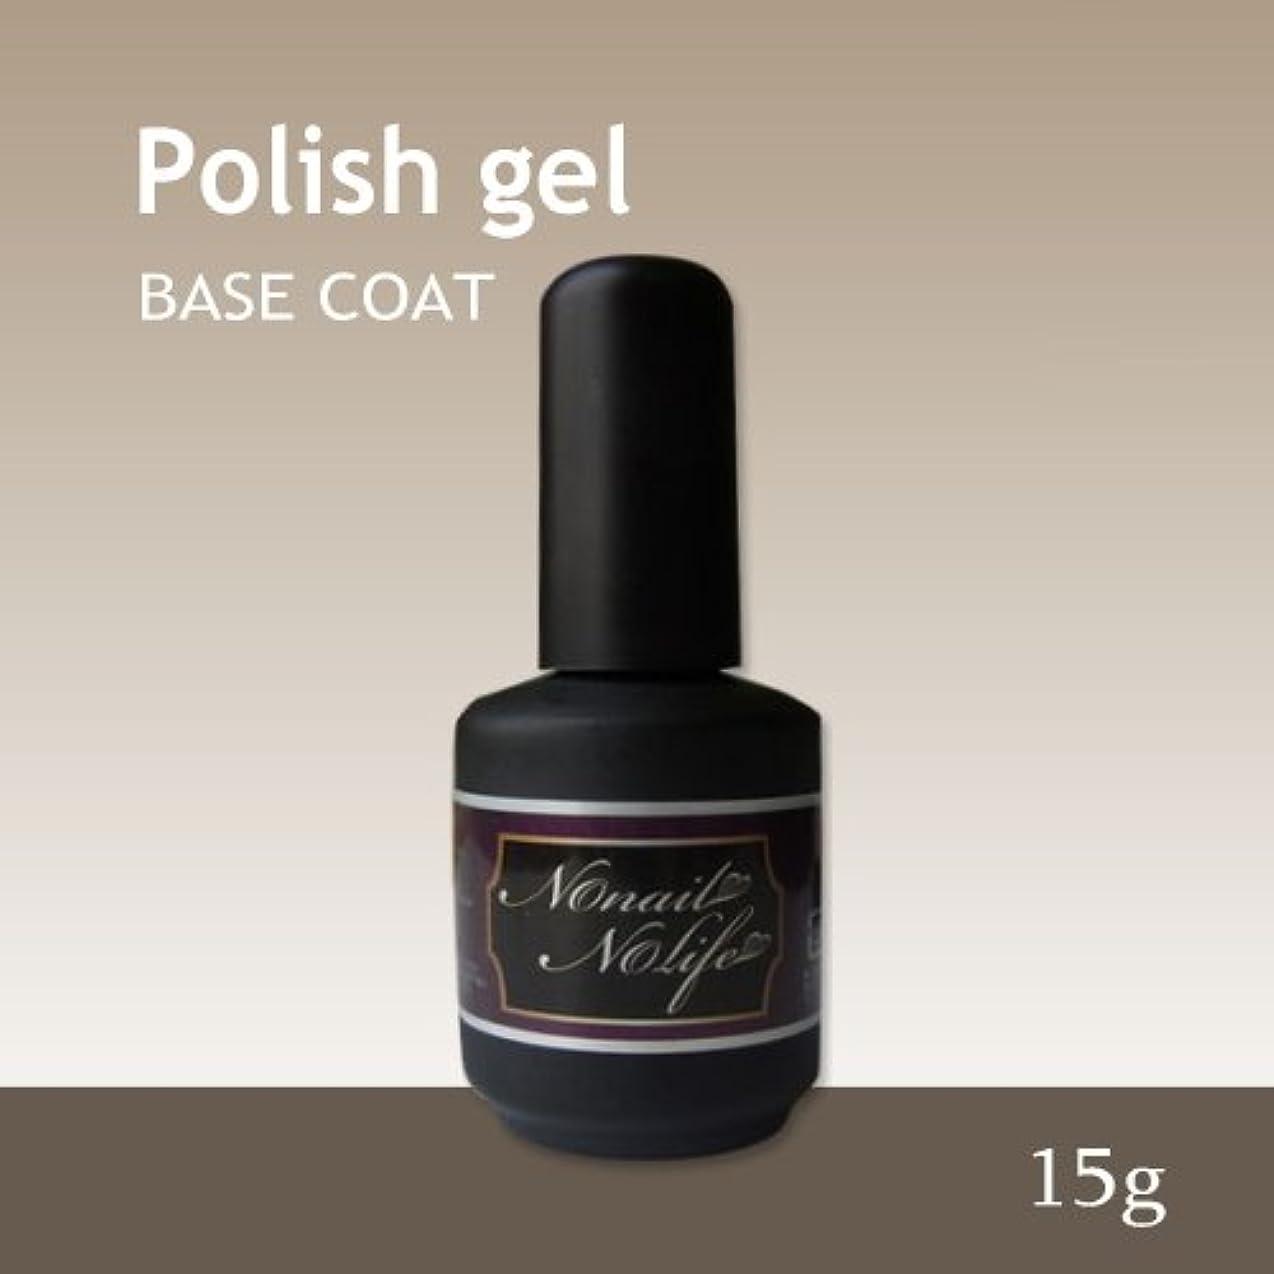 降ろす朝欠かせないジェルネイル《サンディング不要のベースコート》Natural Polish ポリッシュベースジェル(15g)